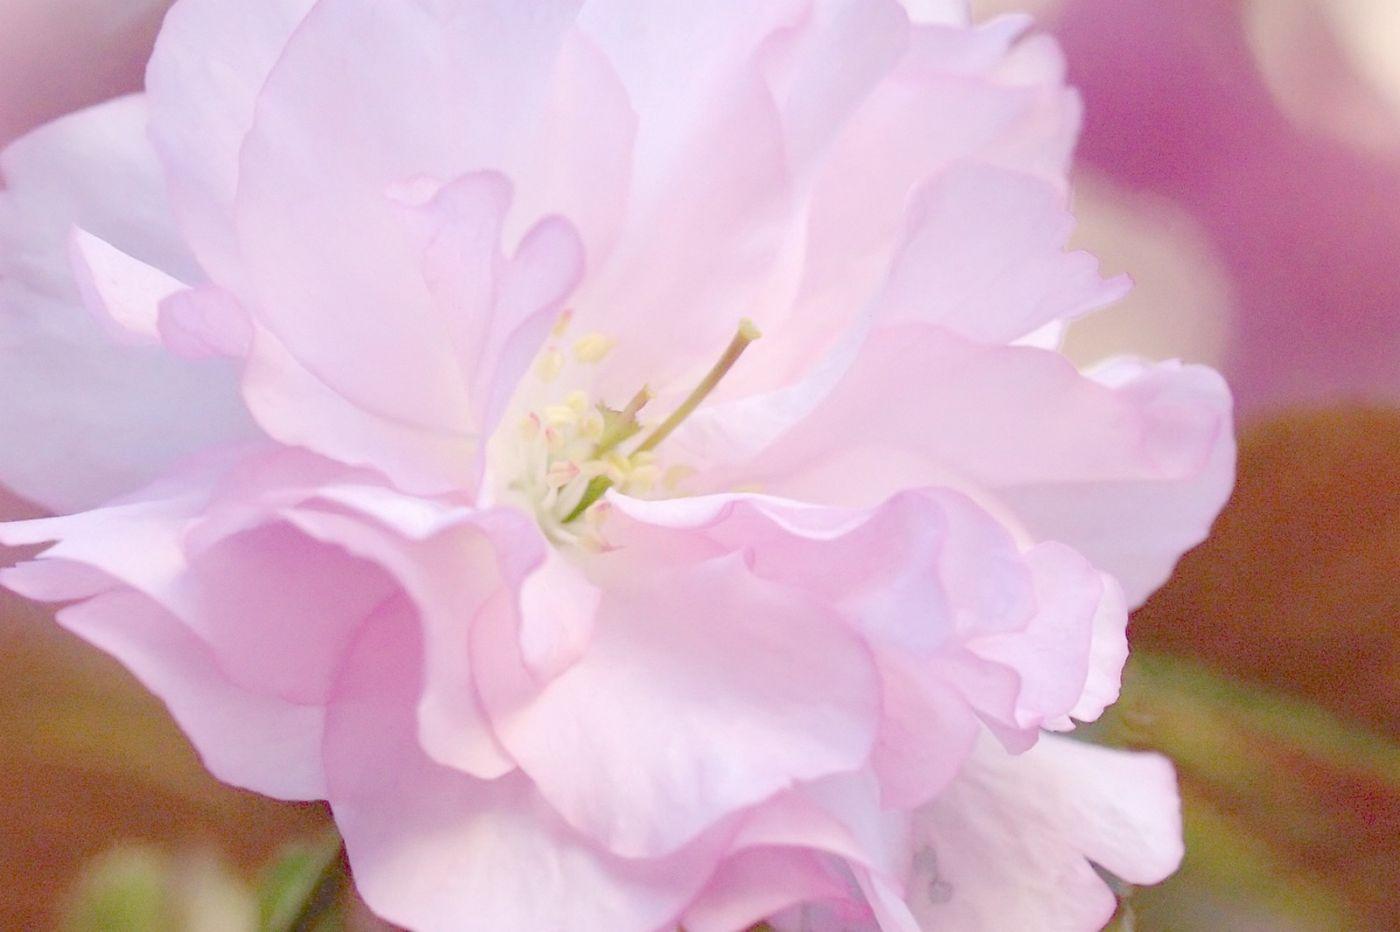 粉红的水嫩的,好看极了_图1-32